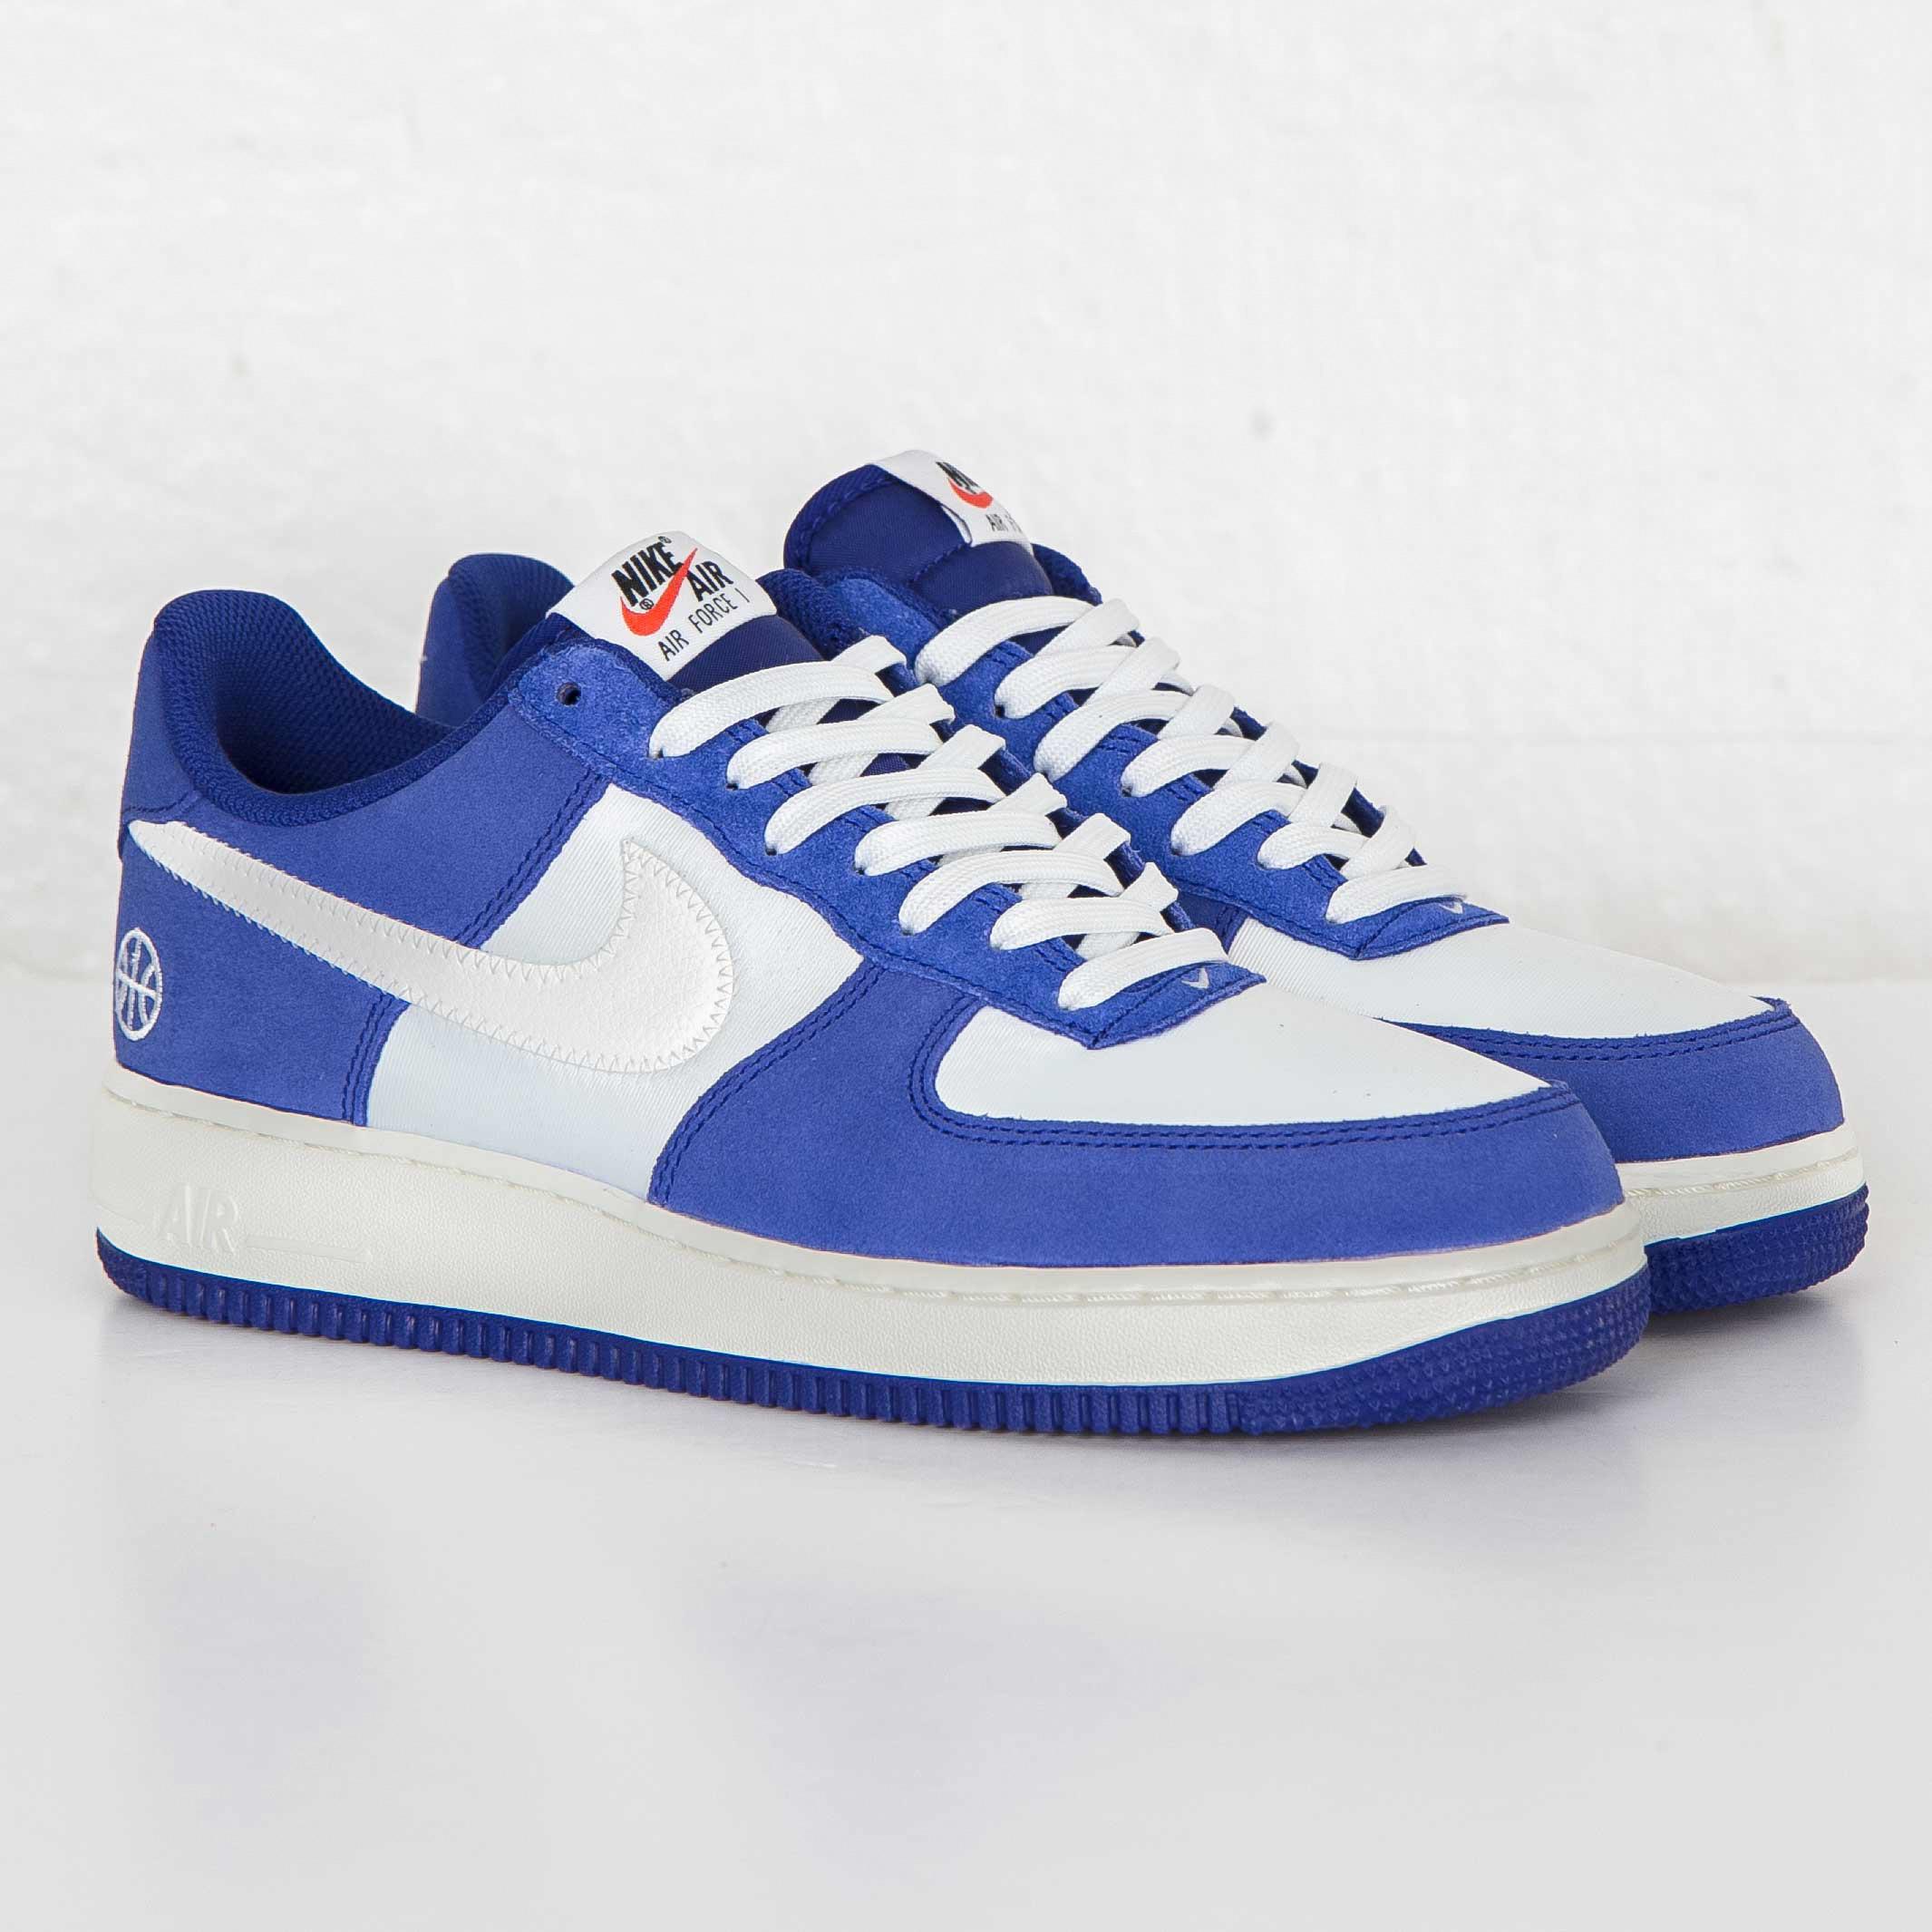 Nike Air Force 1 488298 438 Sneakersnstuff | sneakers